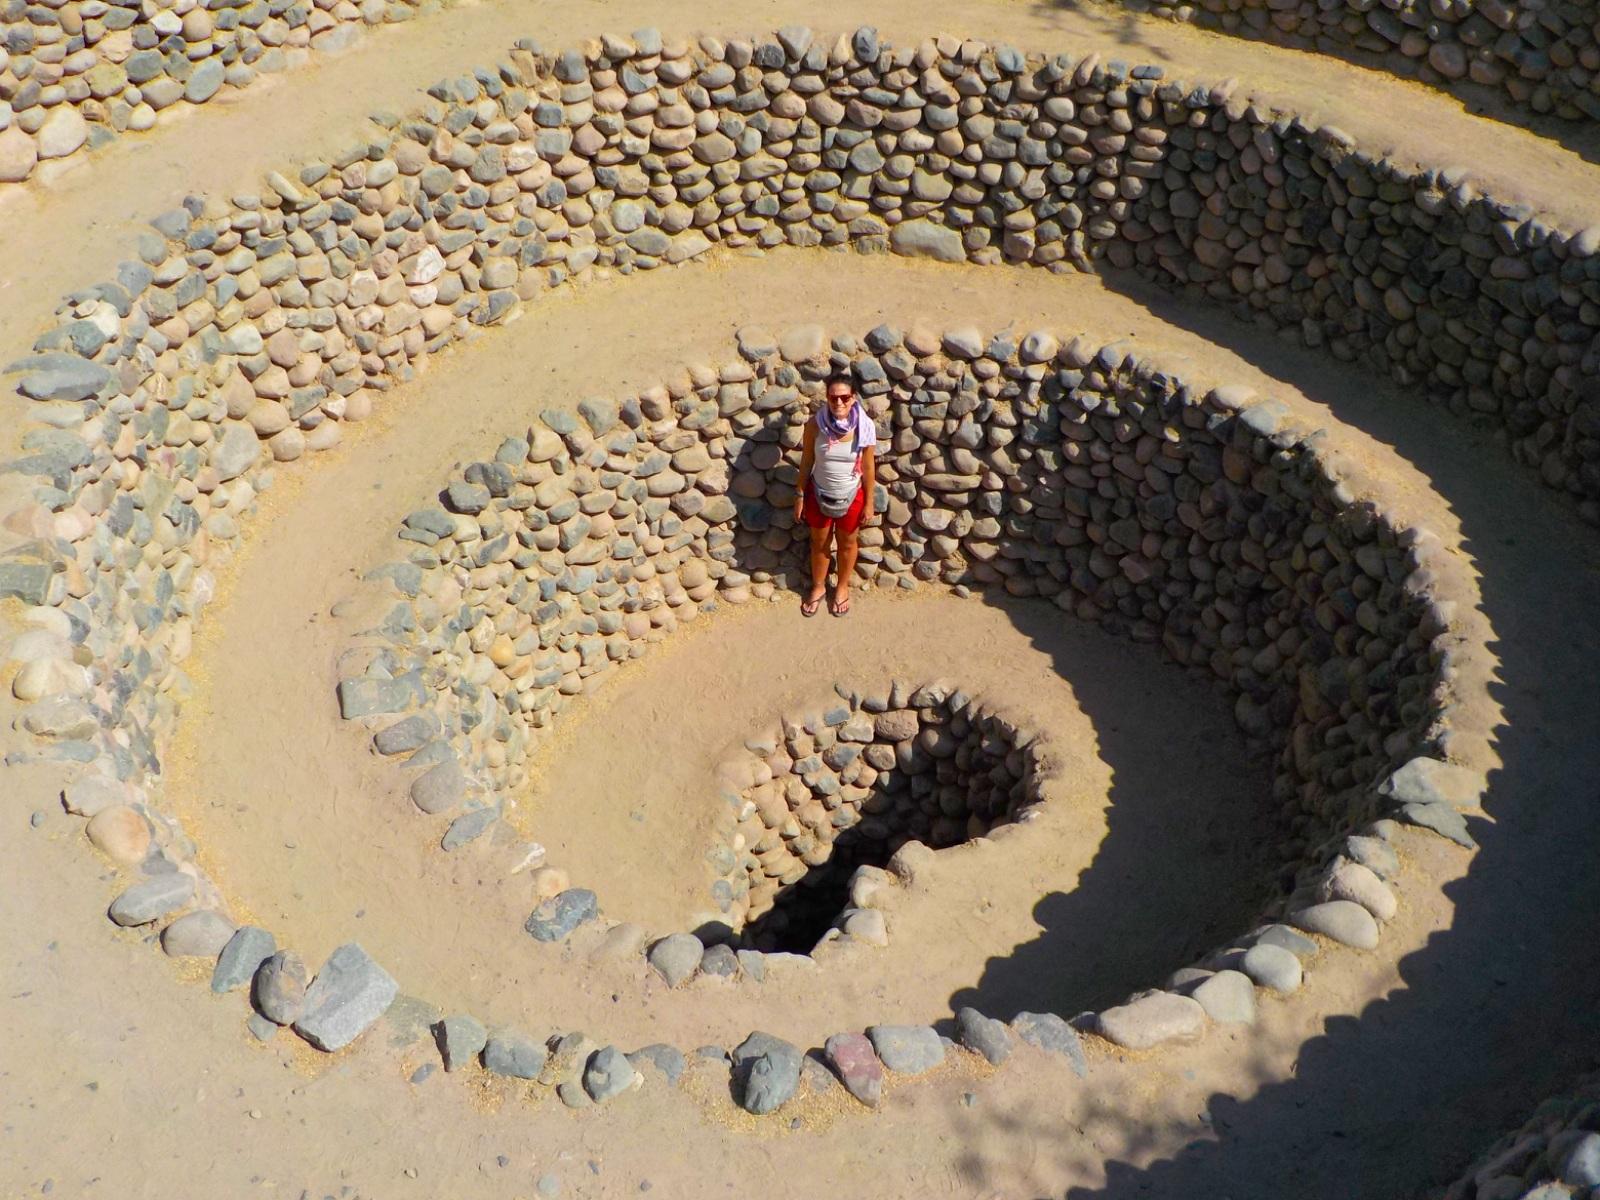 Acueductos, Nazca, Perú